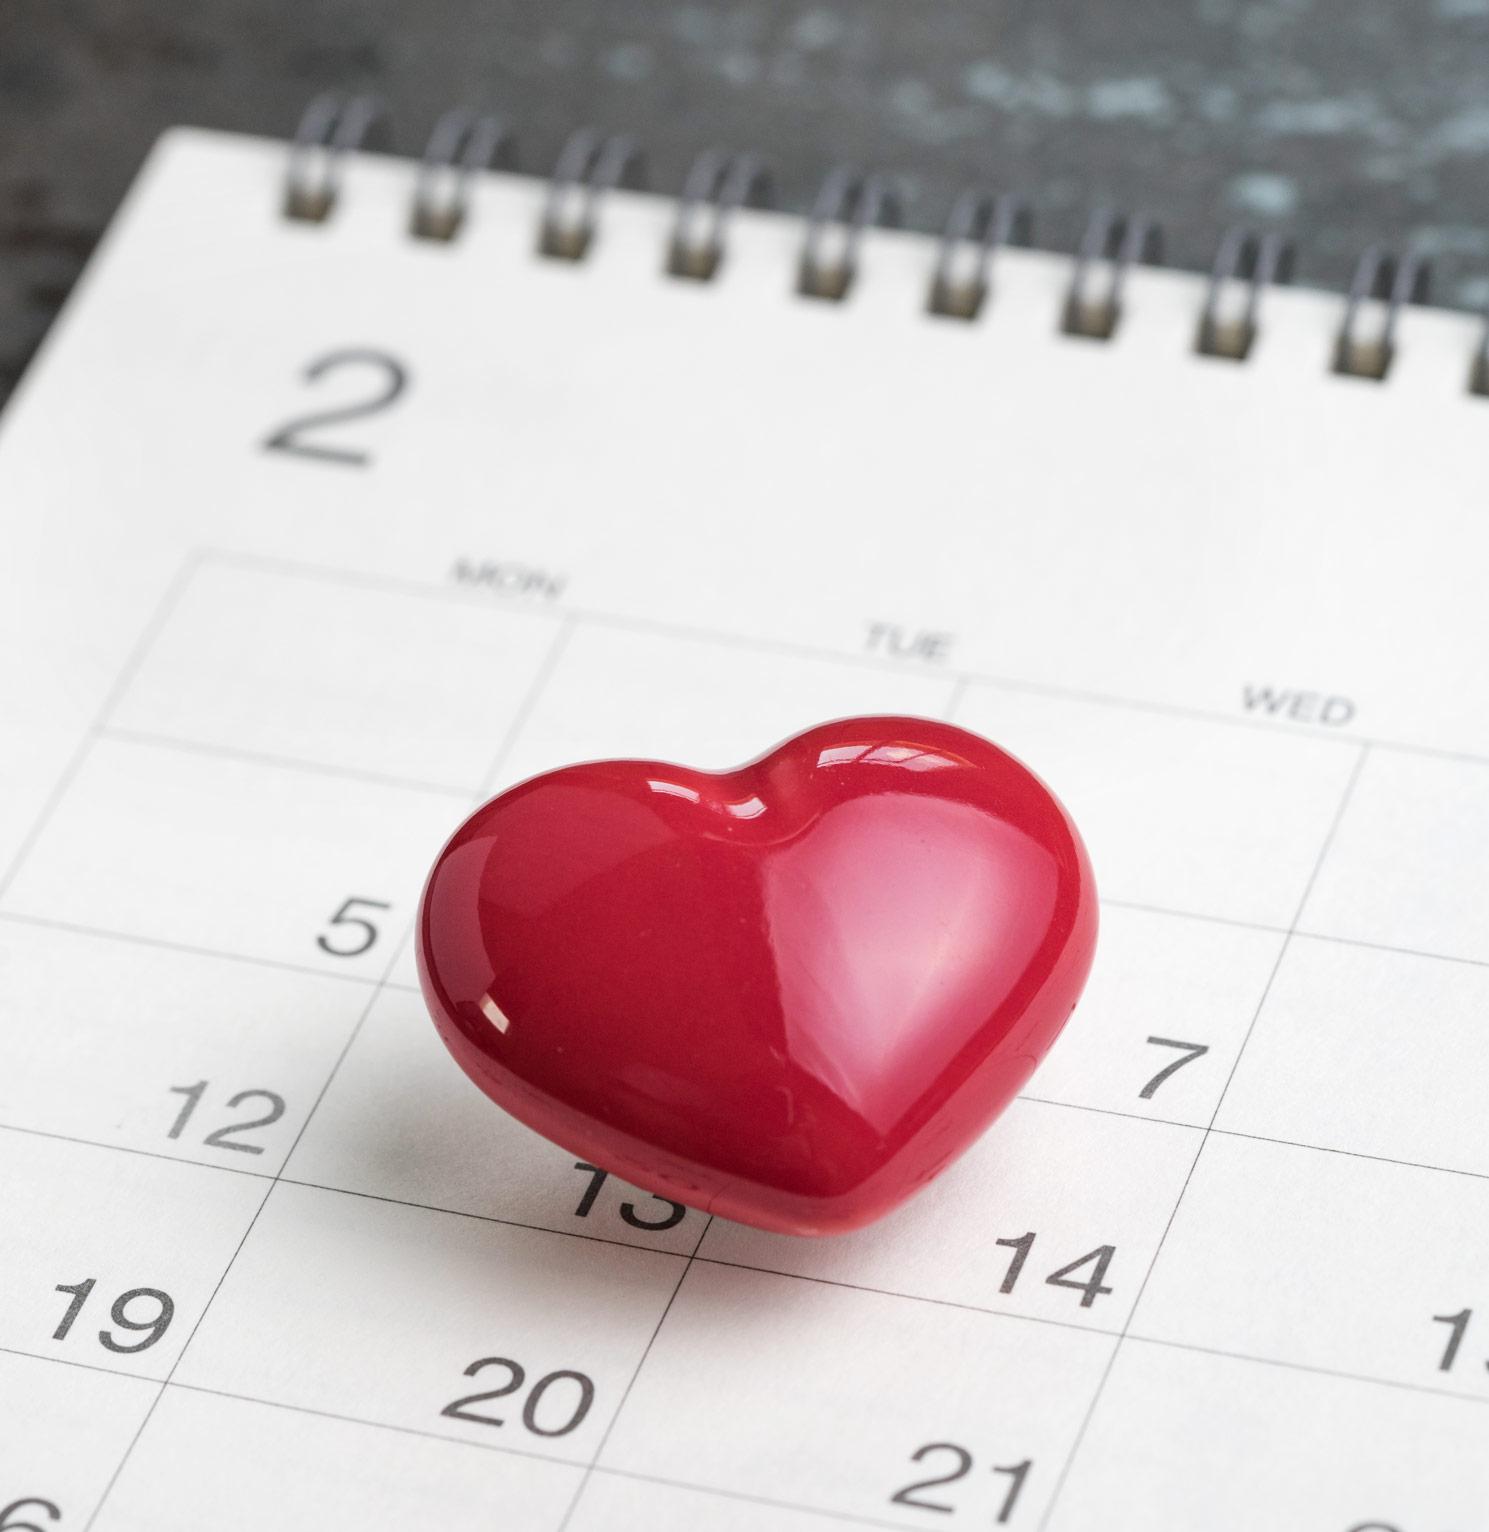 Punainen sydän kuukupin käyttäjän kalenterin päällä